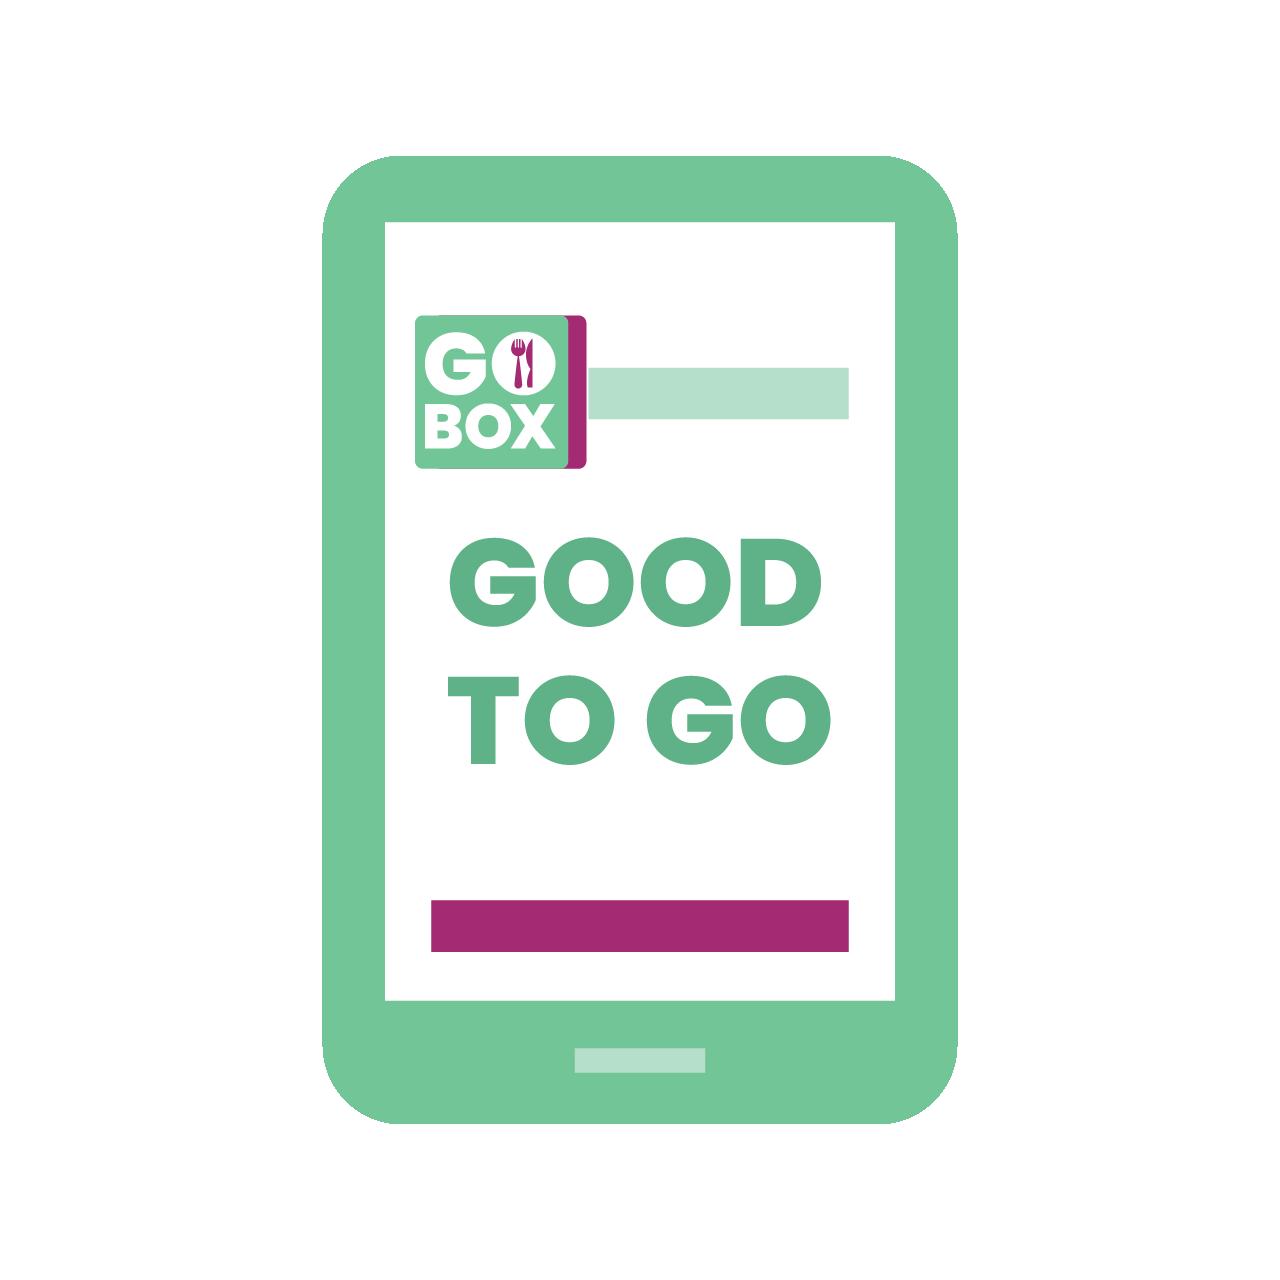 GO-Box-Good-to-Go-app